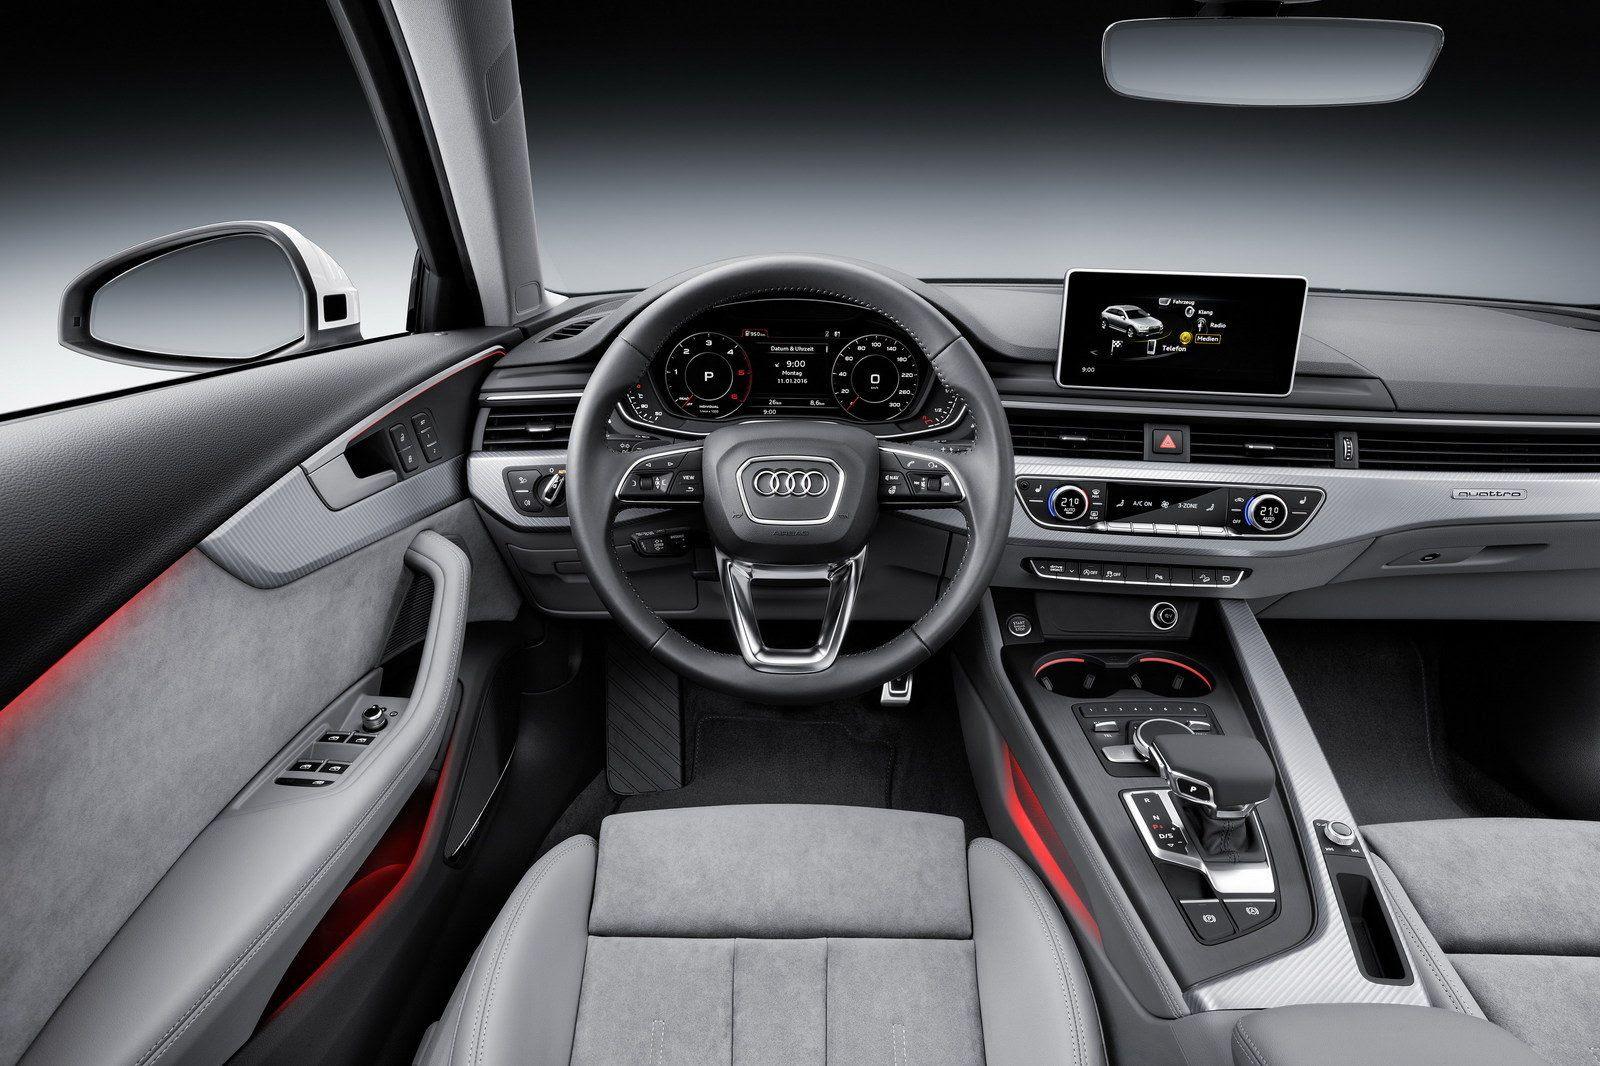 Hasil gambar untuk Audi A4 Allroad 2017 interior